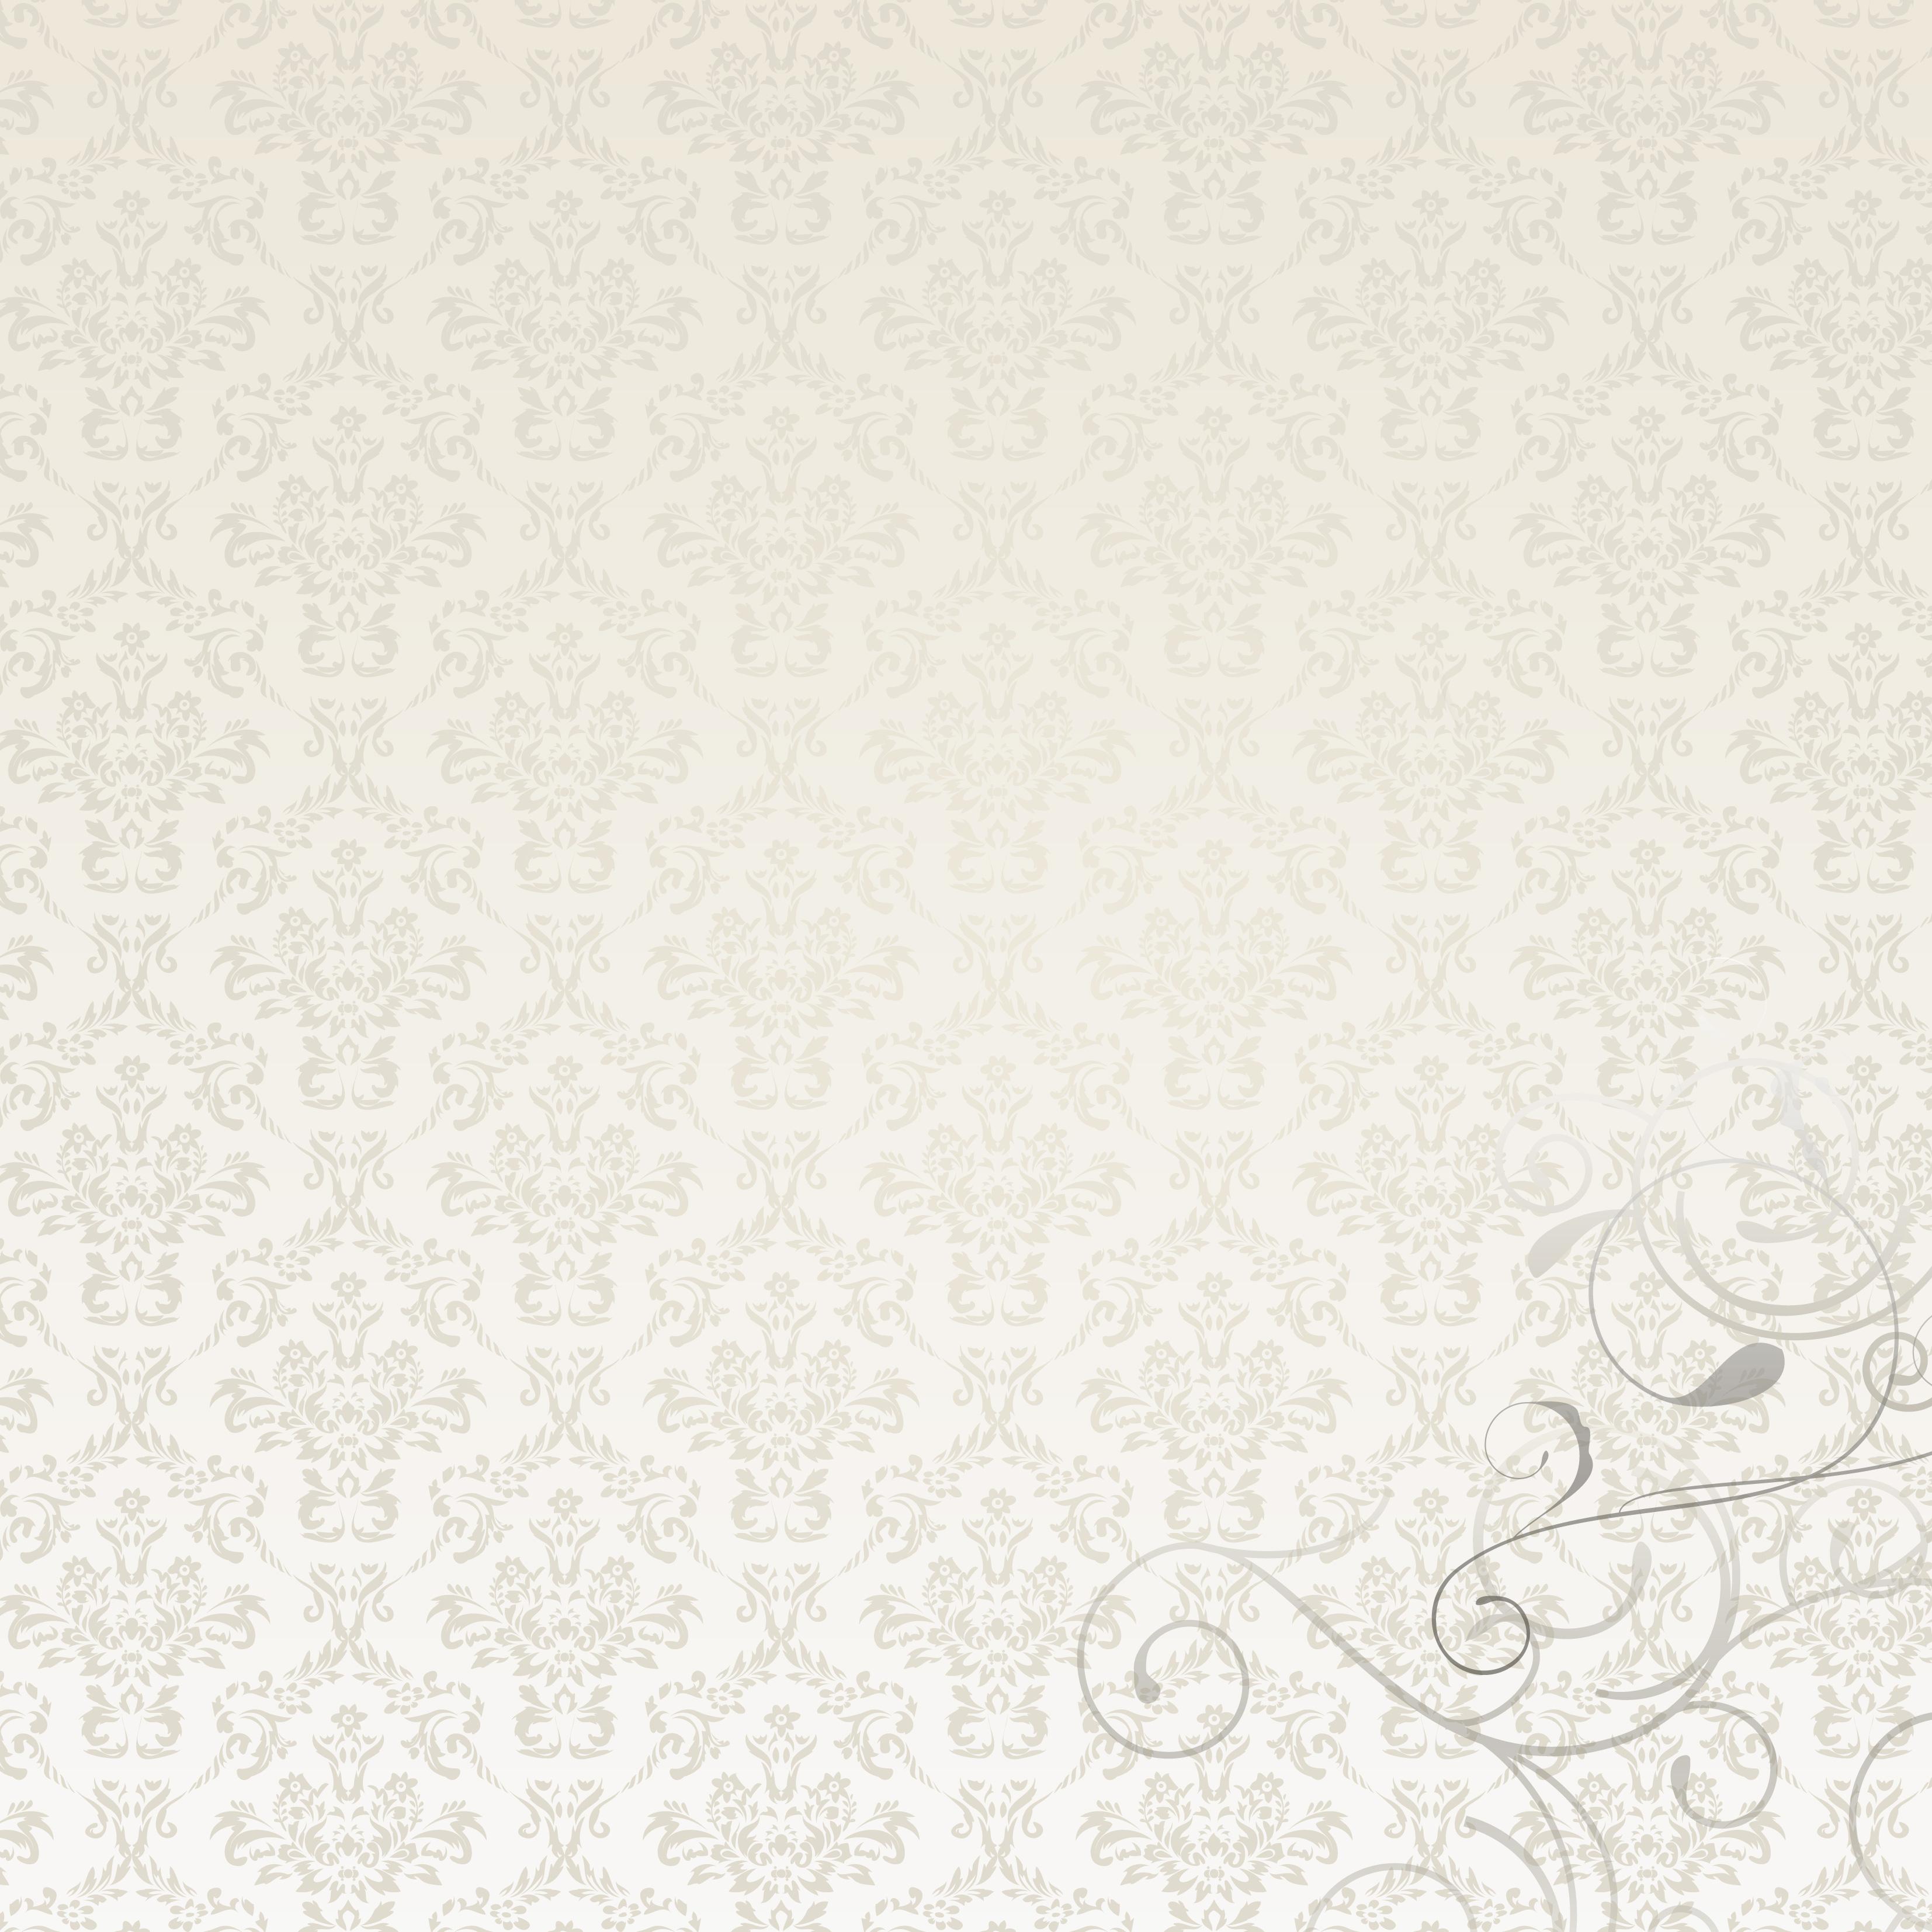 Vorlagen Einladungskarten Hochzeit Kostenlos ~ Alle Guten Ideen, Einladung